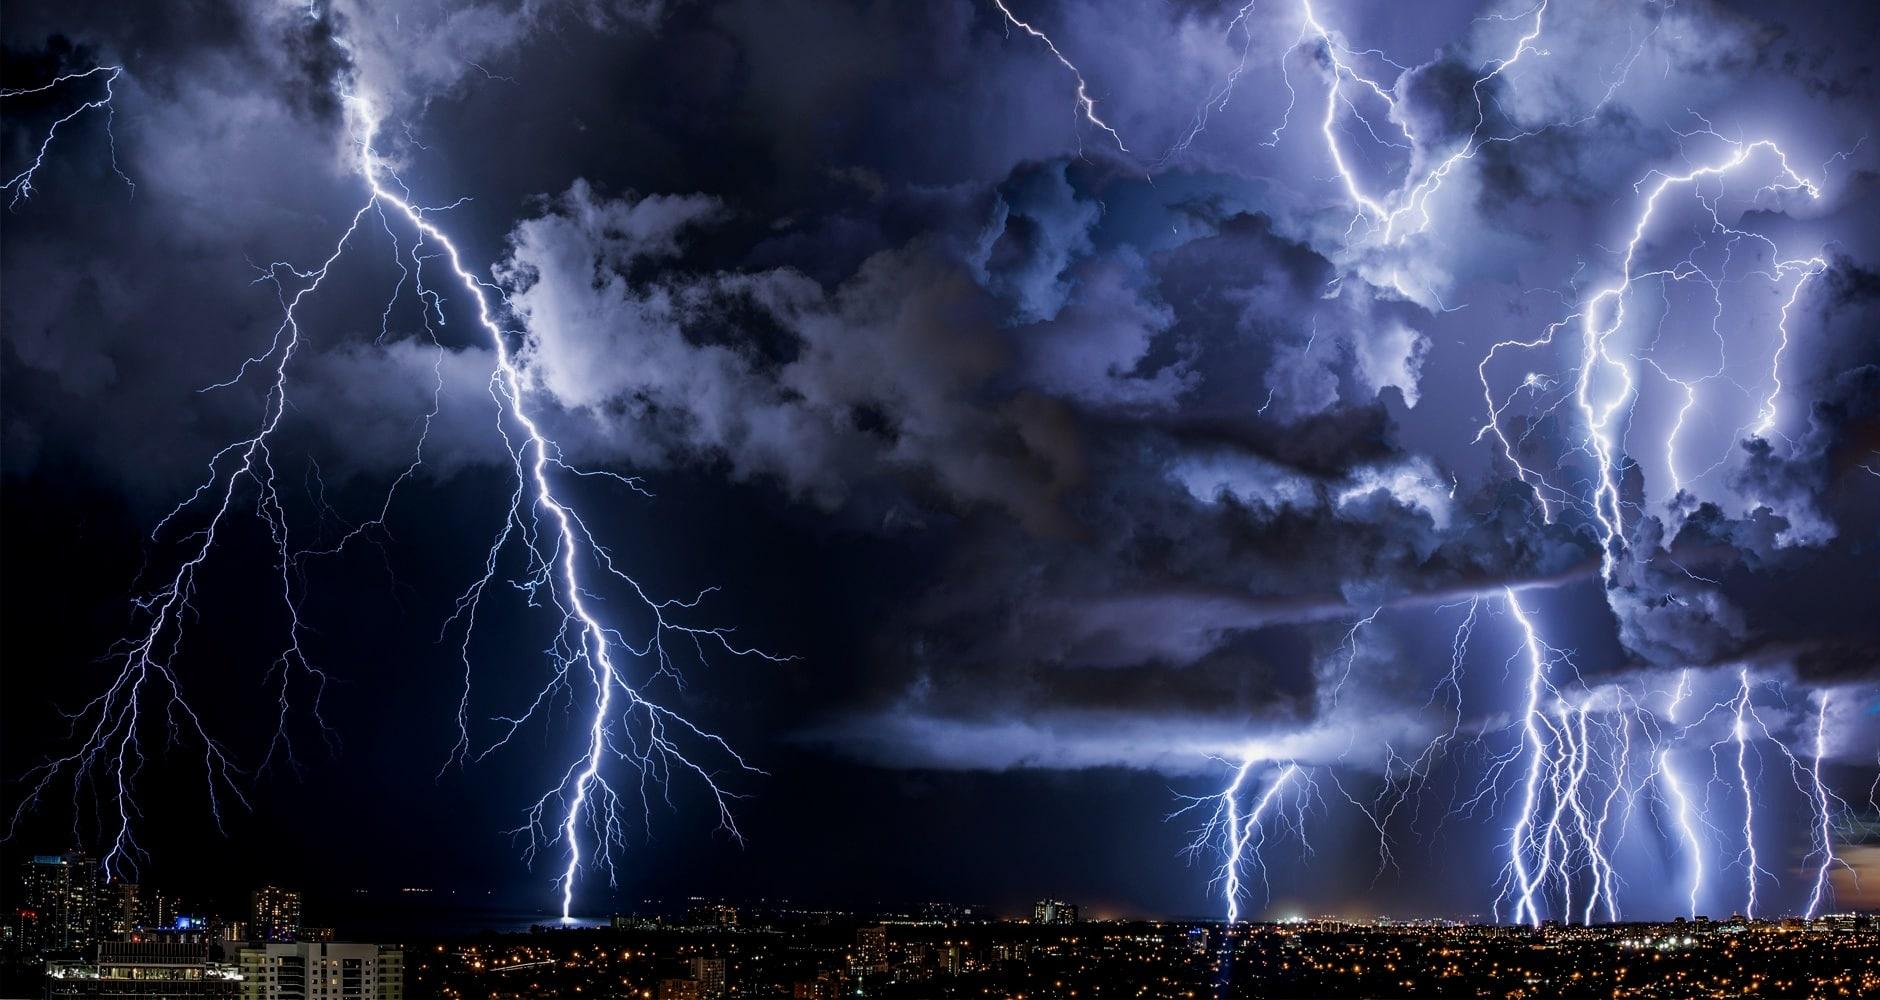 Este jöhetnek a zivatarok, felhőszakadással, jégesővel! 1